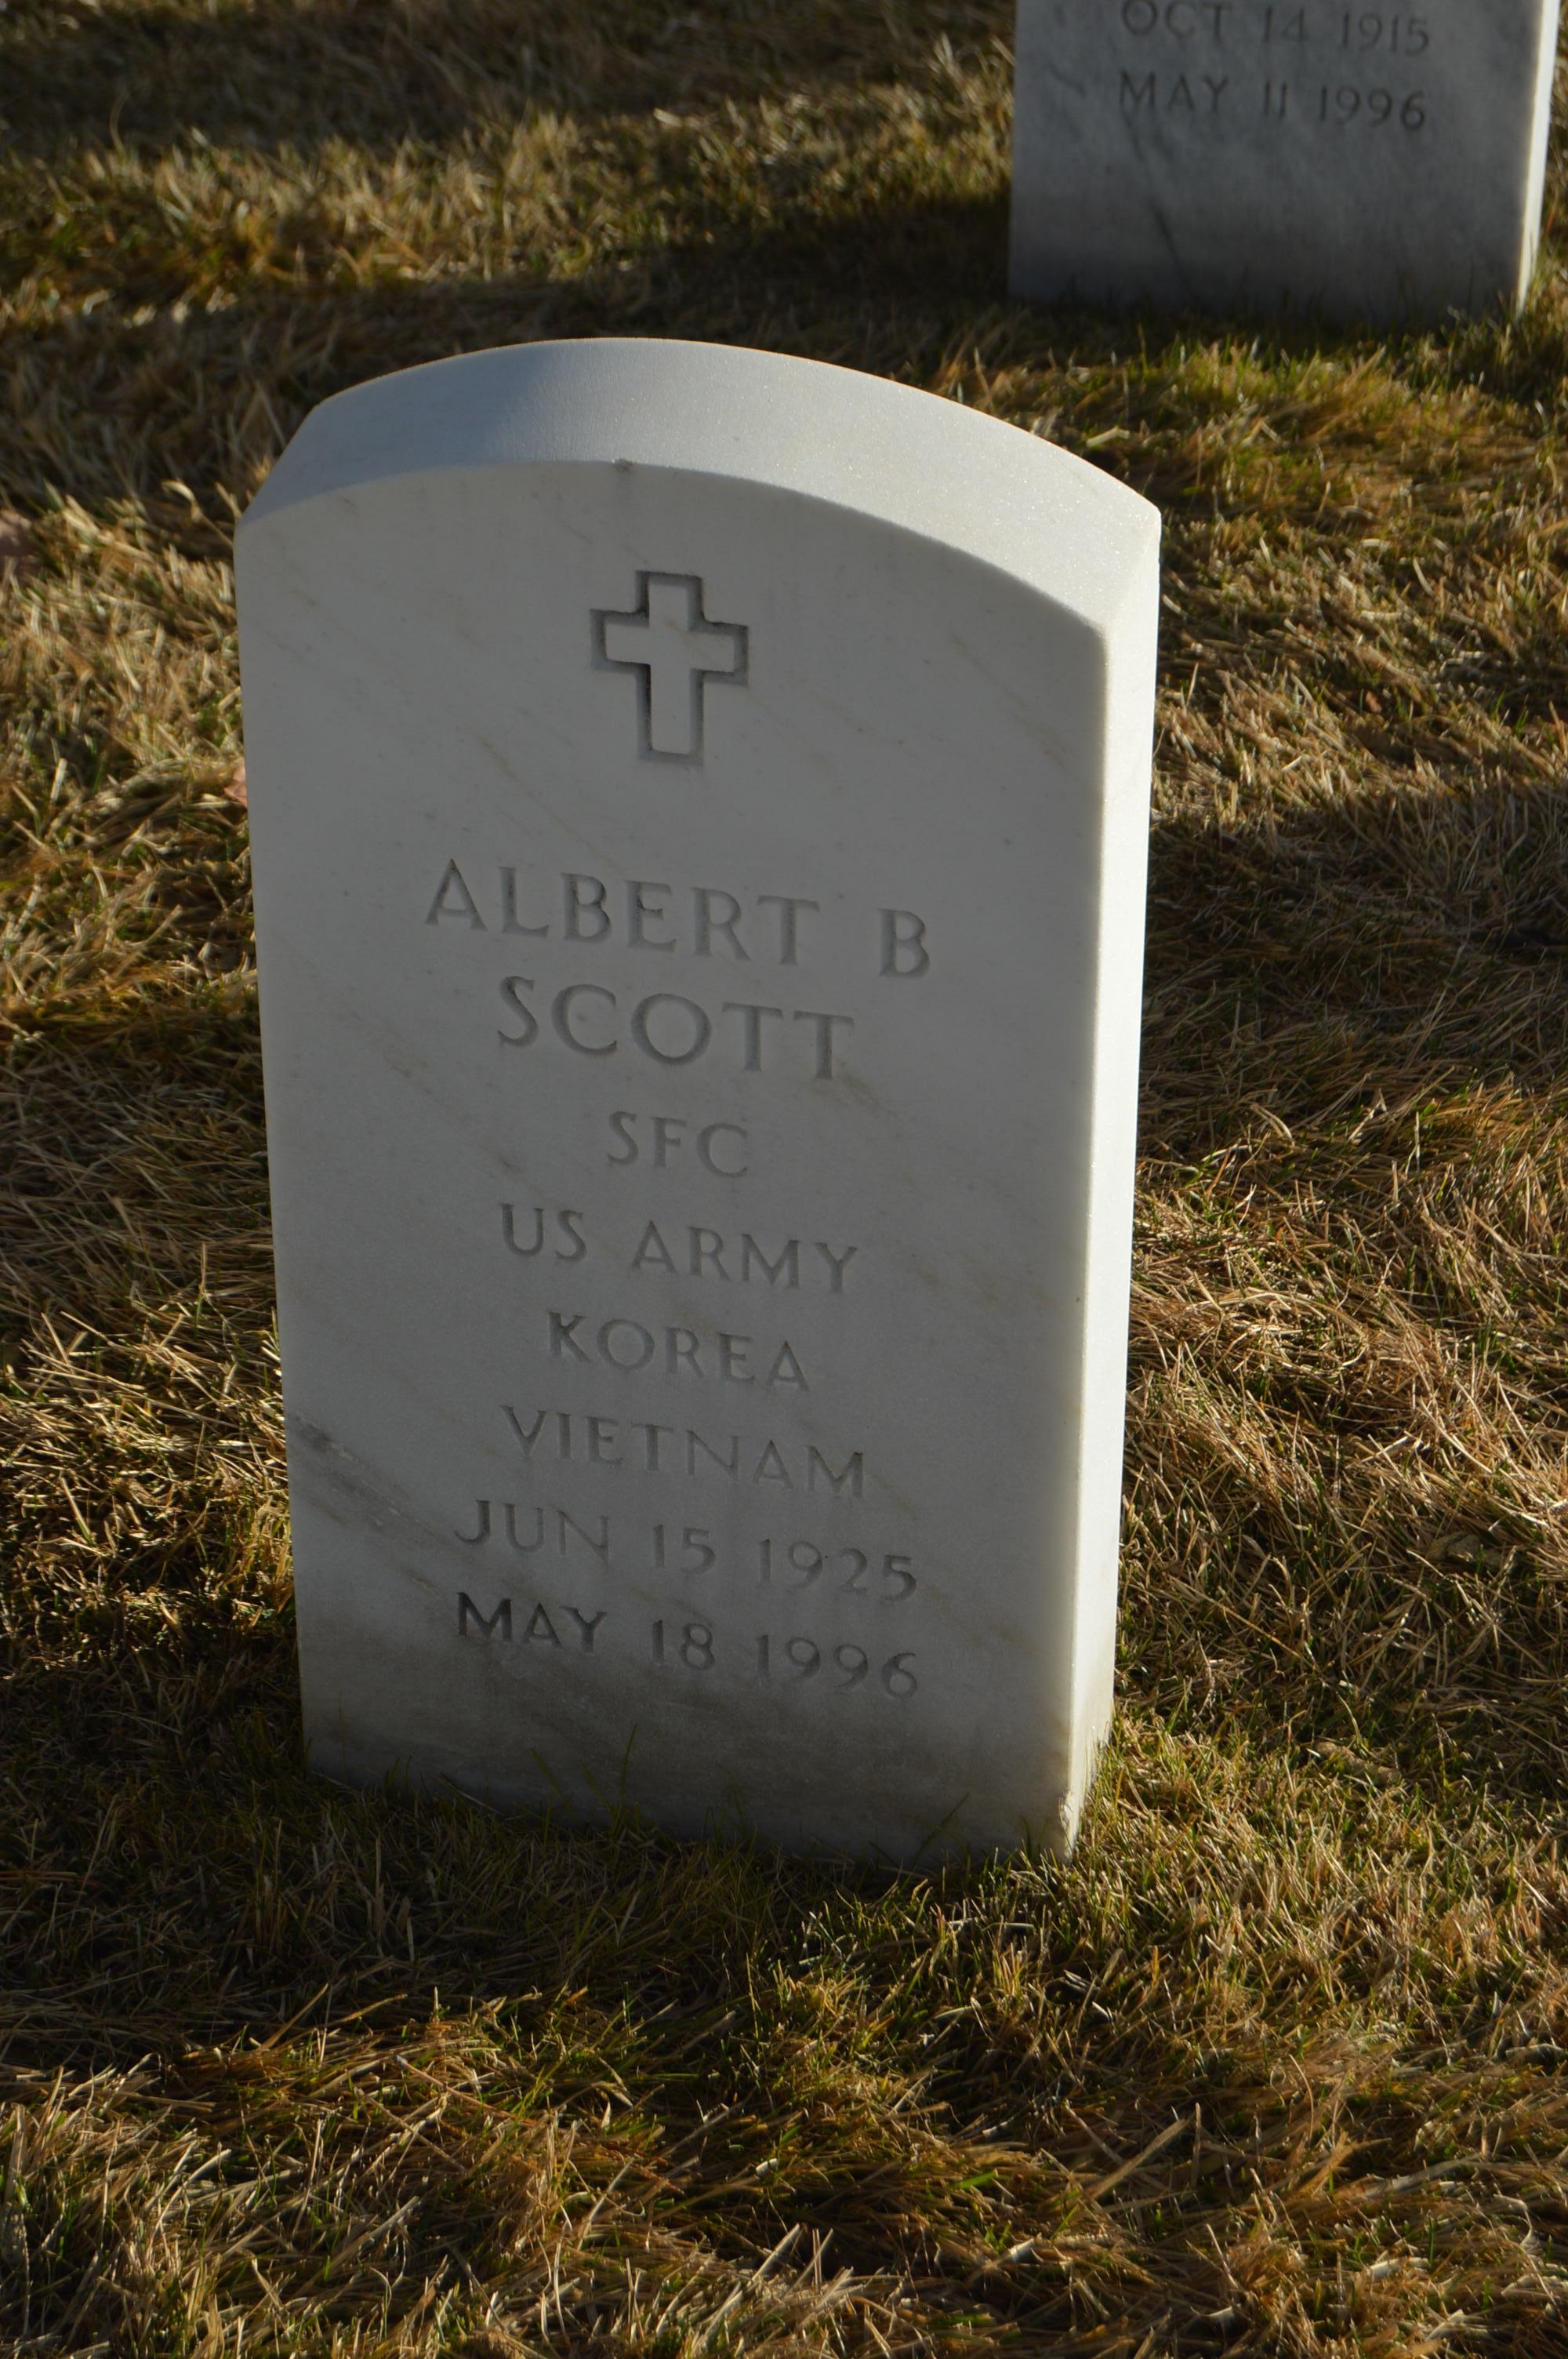 Albert B Scott